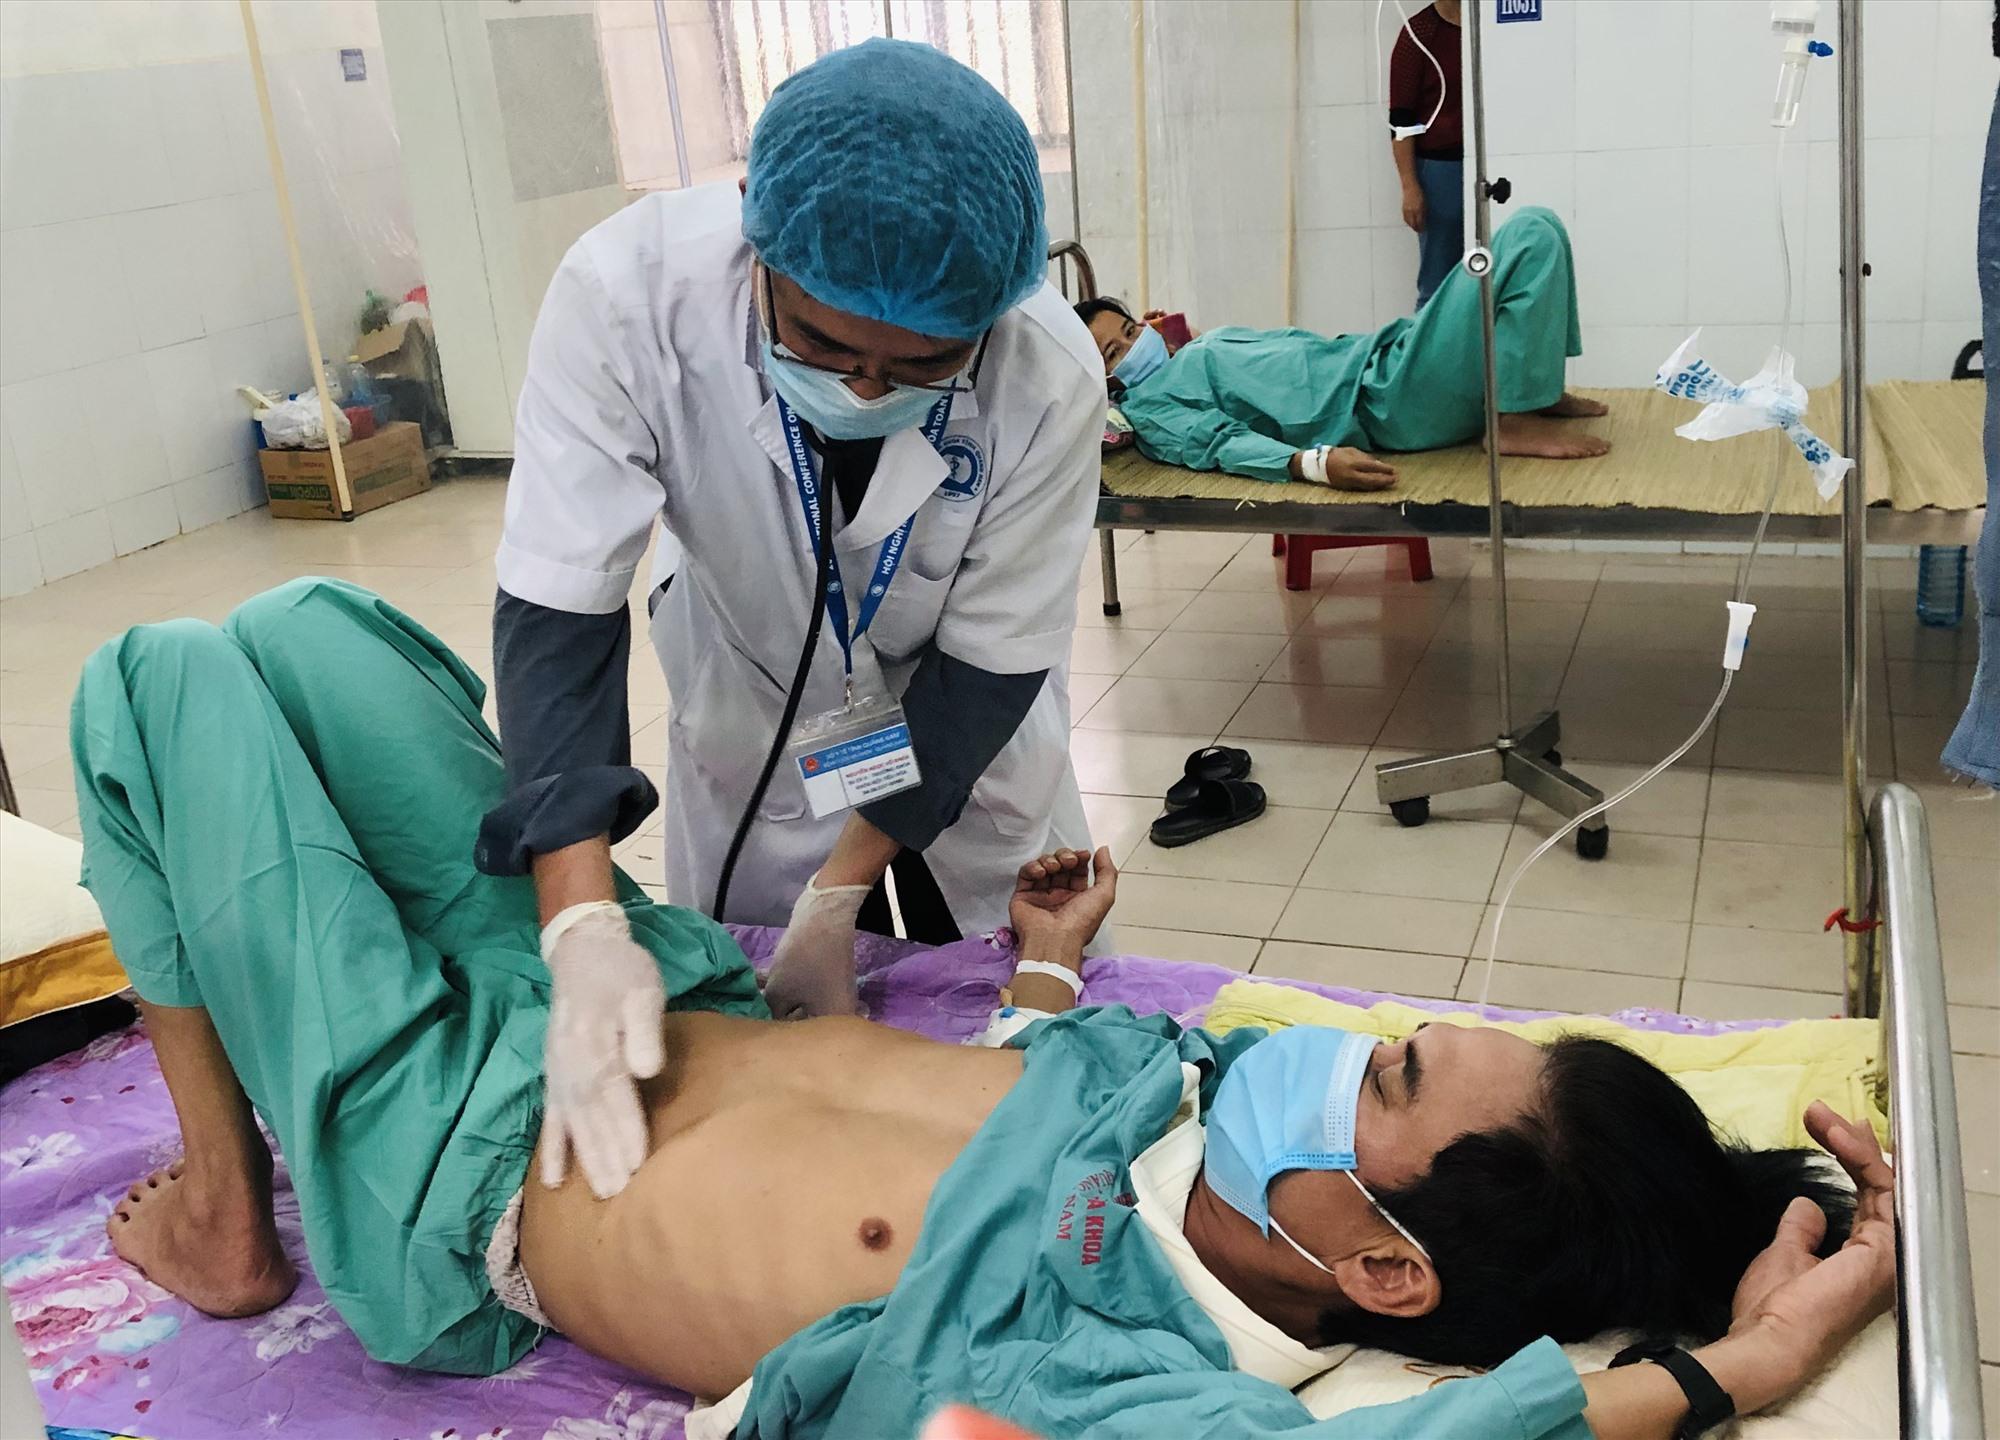 Bác sĩ Khoa Y học nhiệt đới (Bệnh viện Đa khoa Quảng Nam) điều trị cho các bệnh nhân mắc Whitmore. Ảnh: X.H